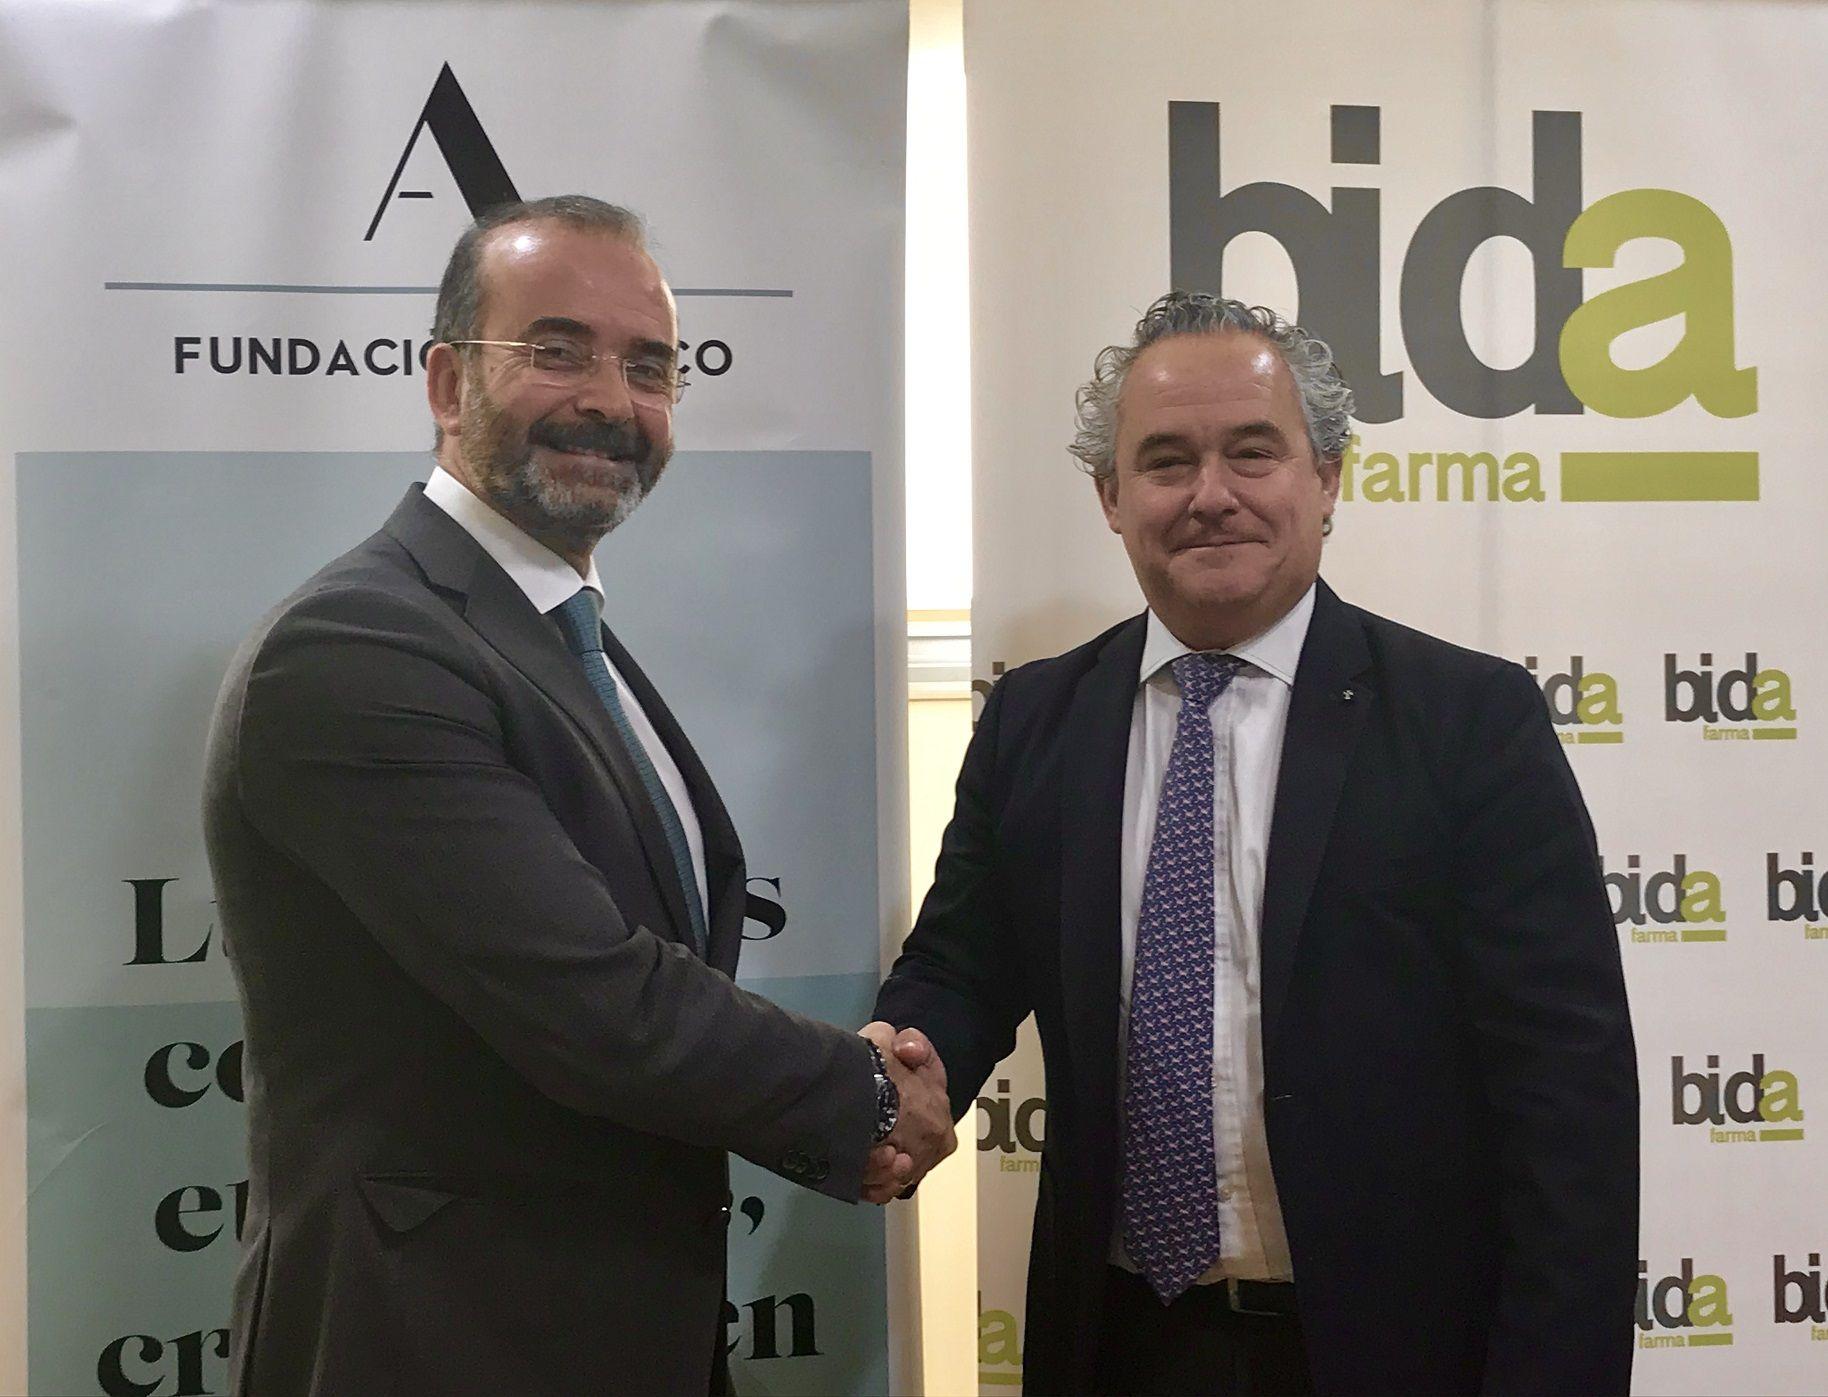 Foto de Bidafarma y Fundación Adecco